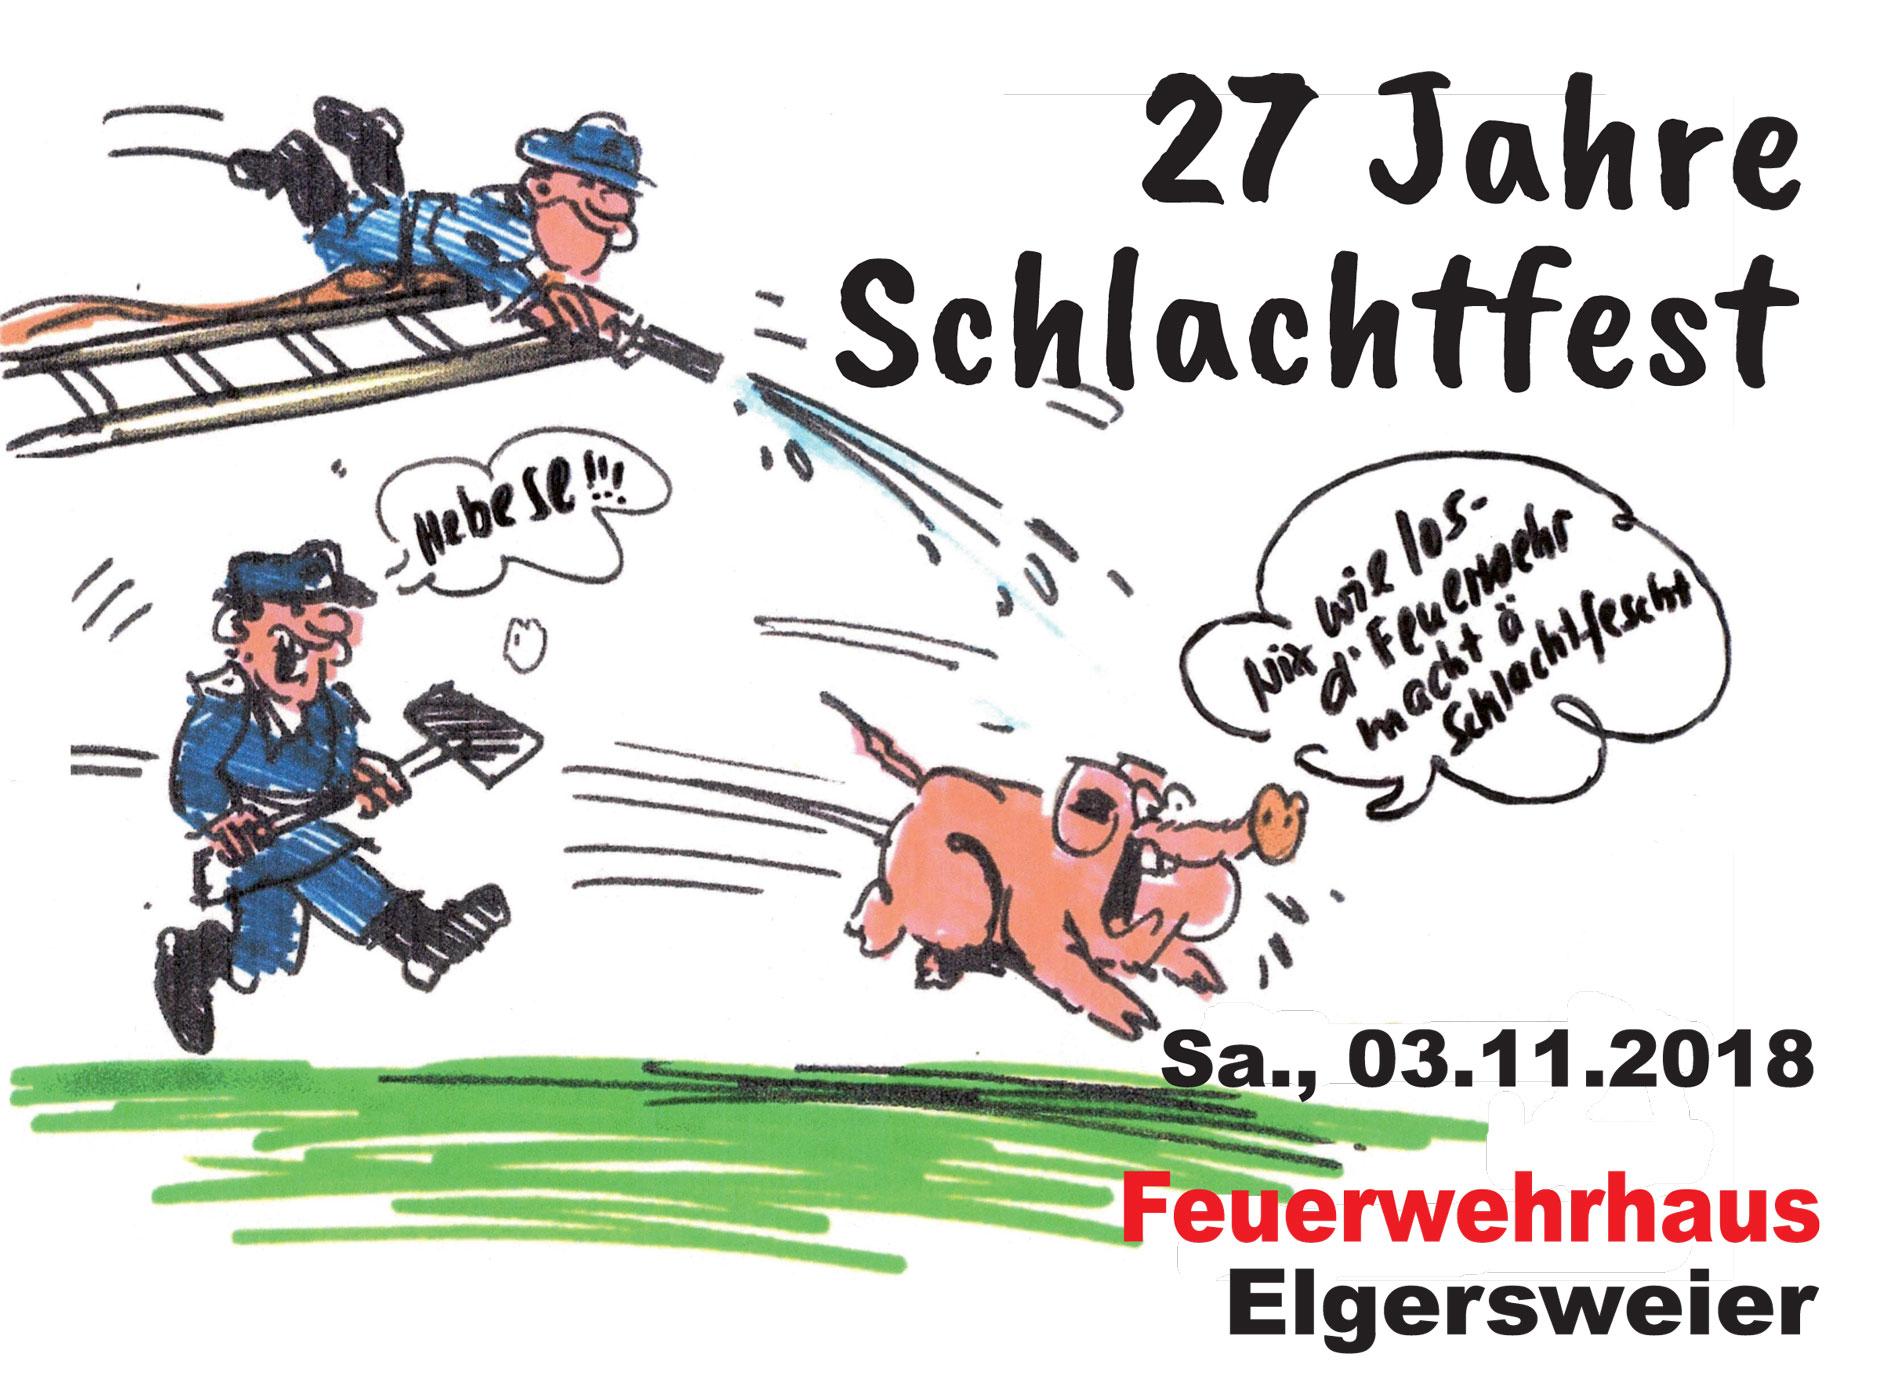 Schlachtfest der Feuerwehr in Elgersweier